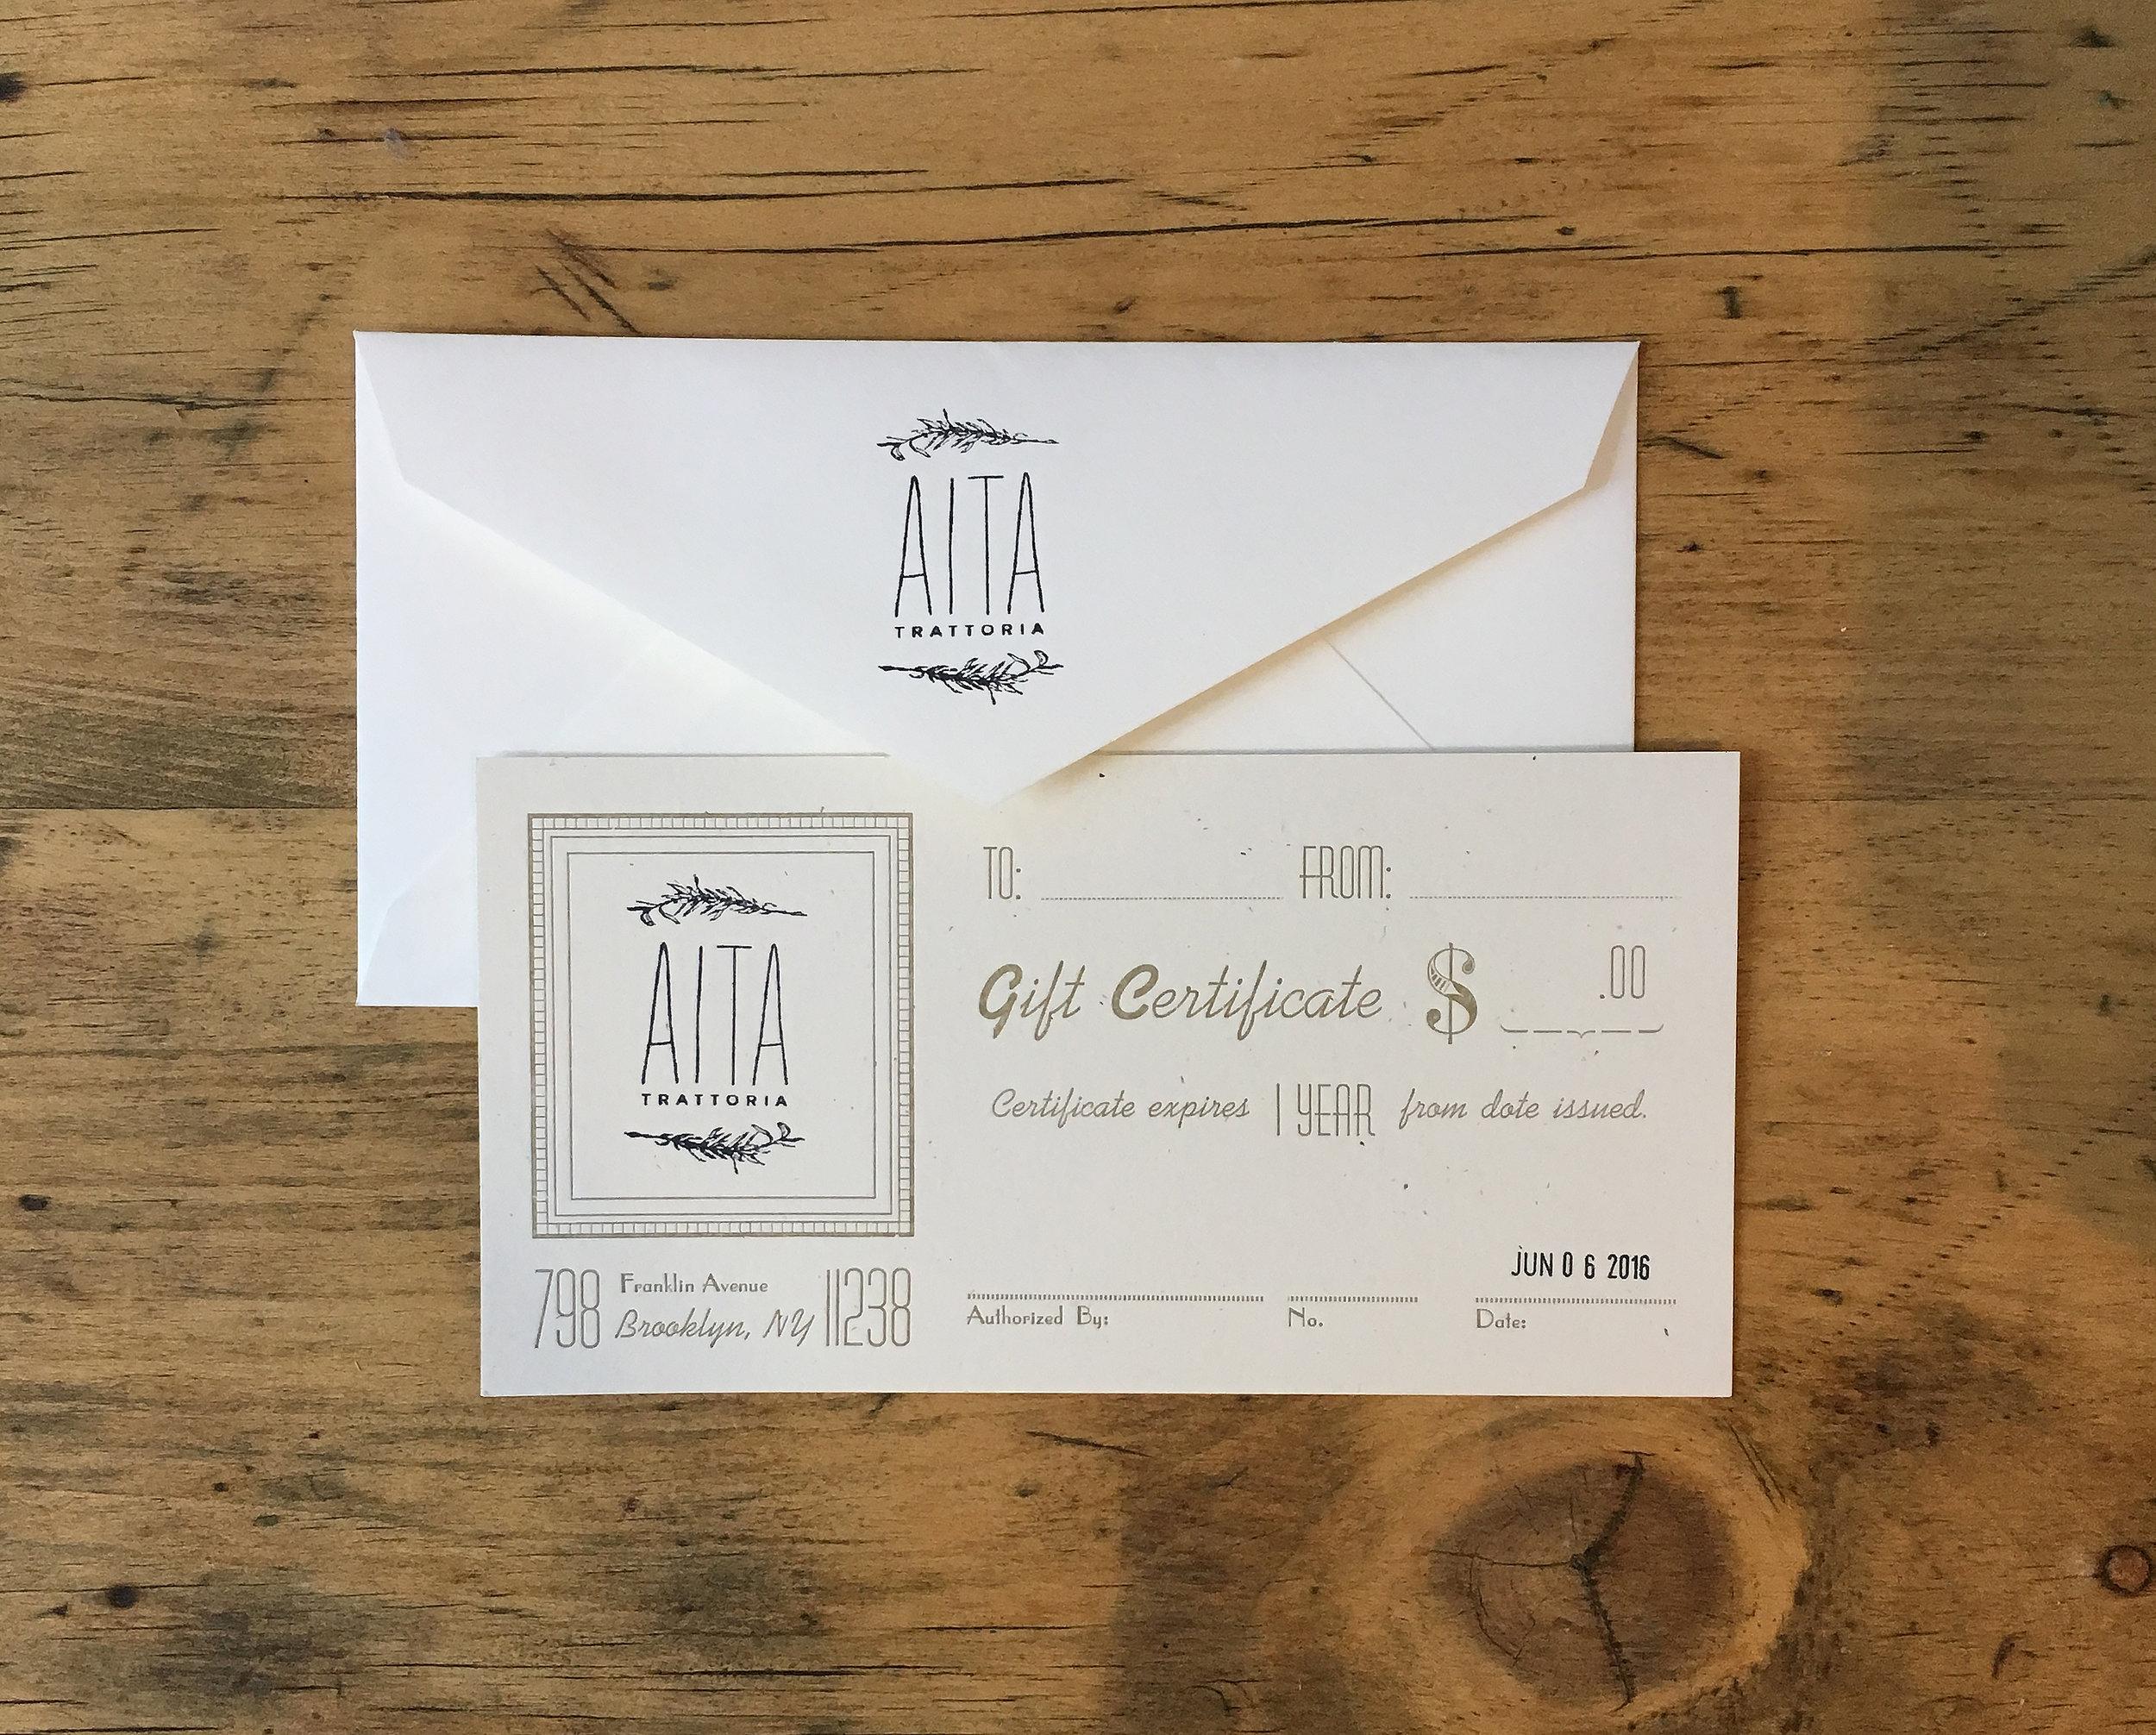 Aita Trattoria Gift Certificate.jpg